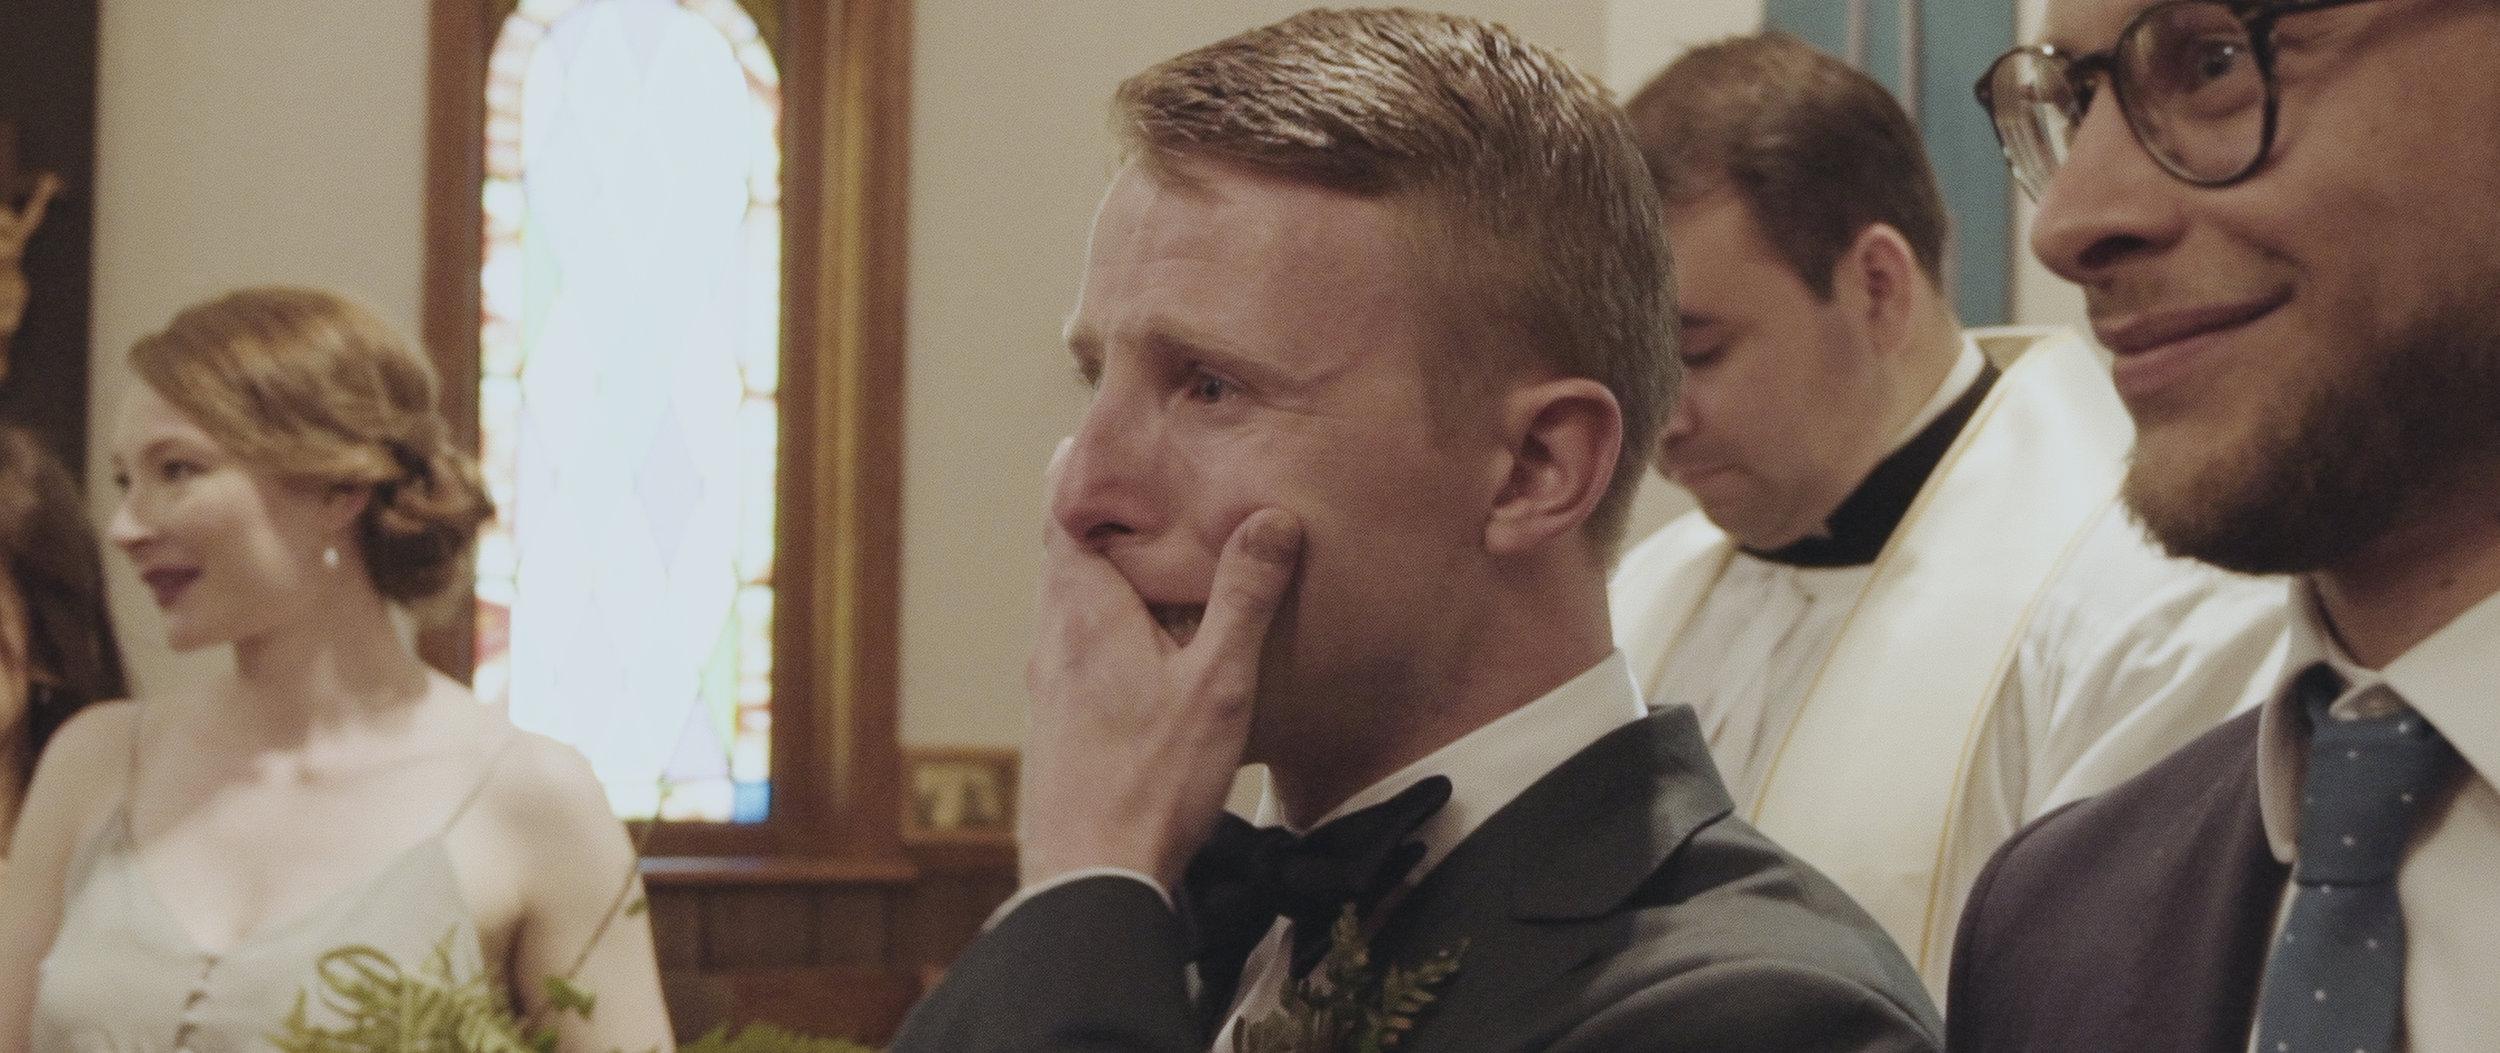 Galiano Island Wedding Cinematography-4.jpg